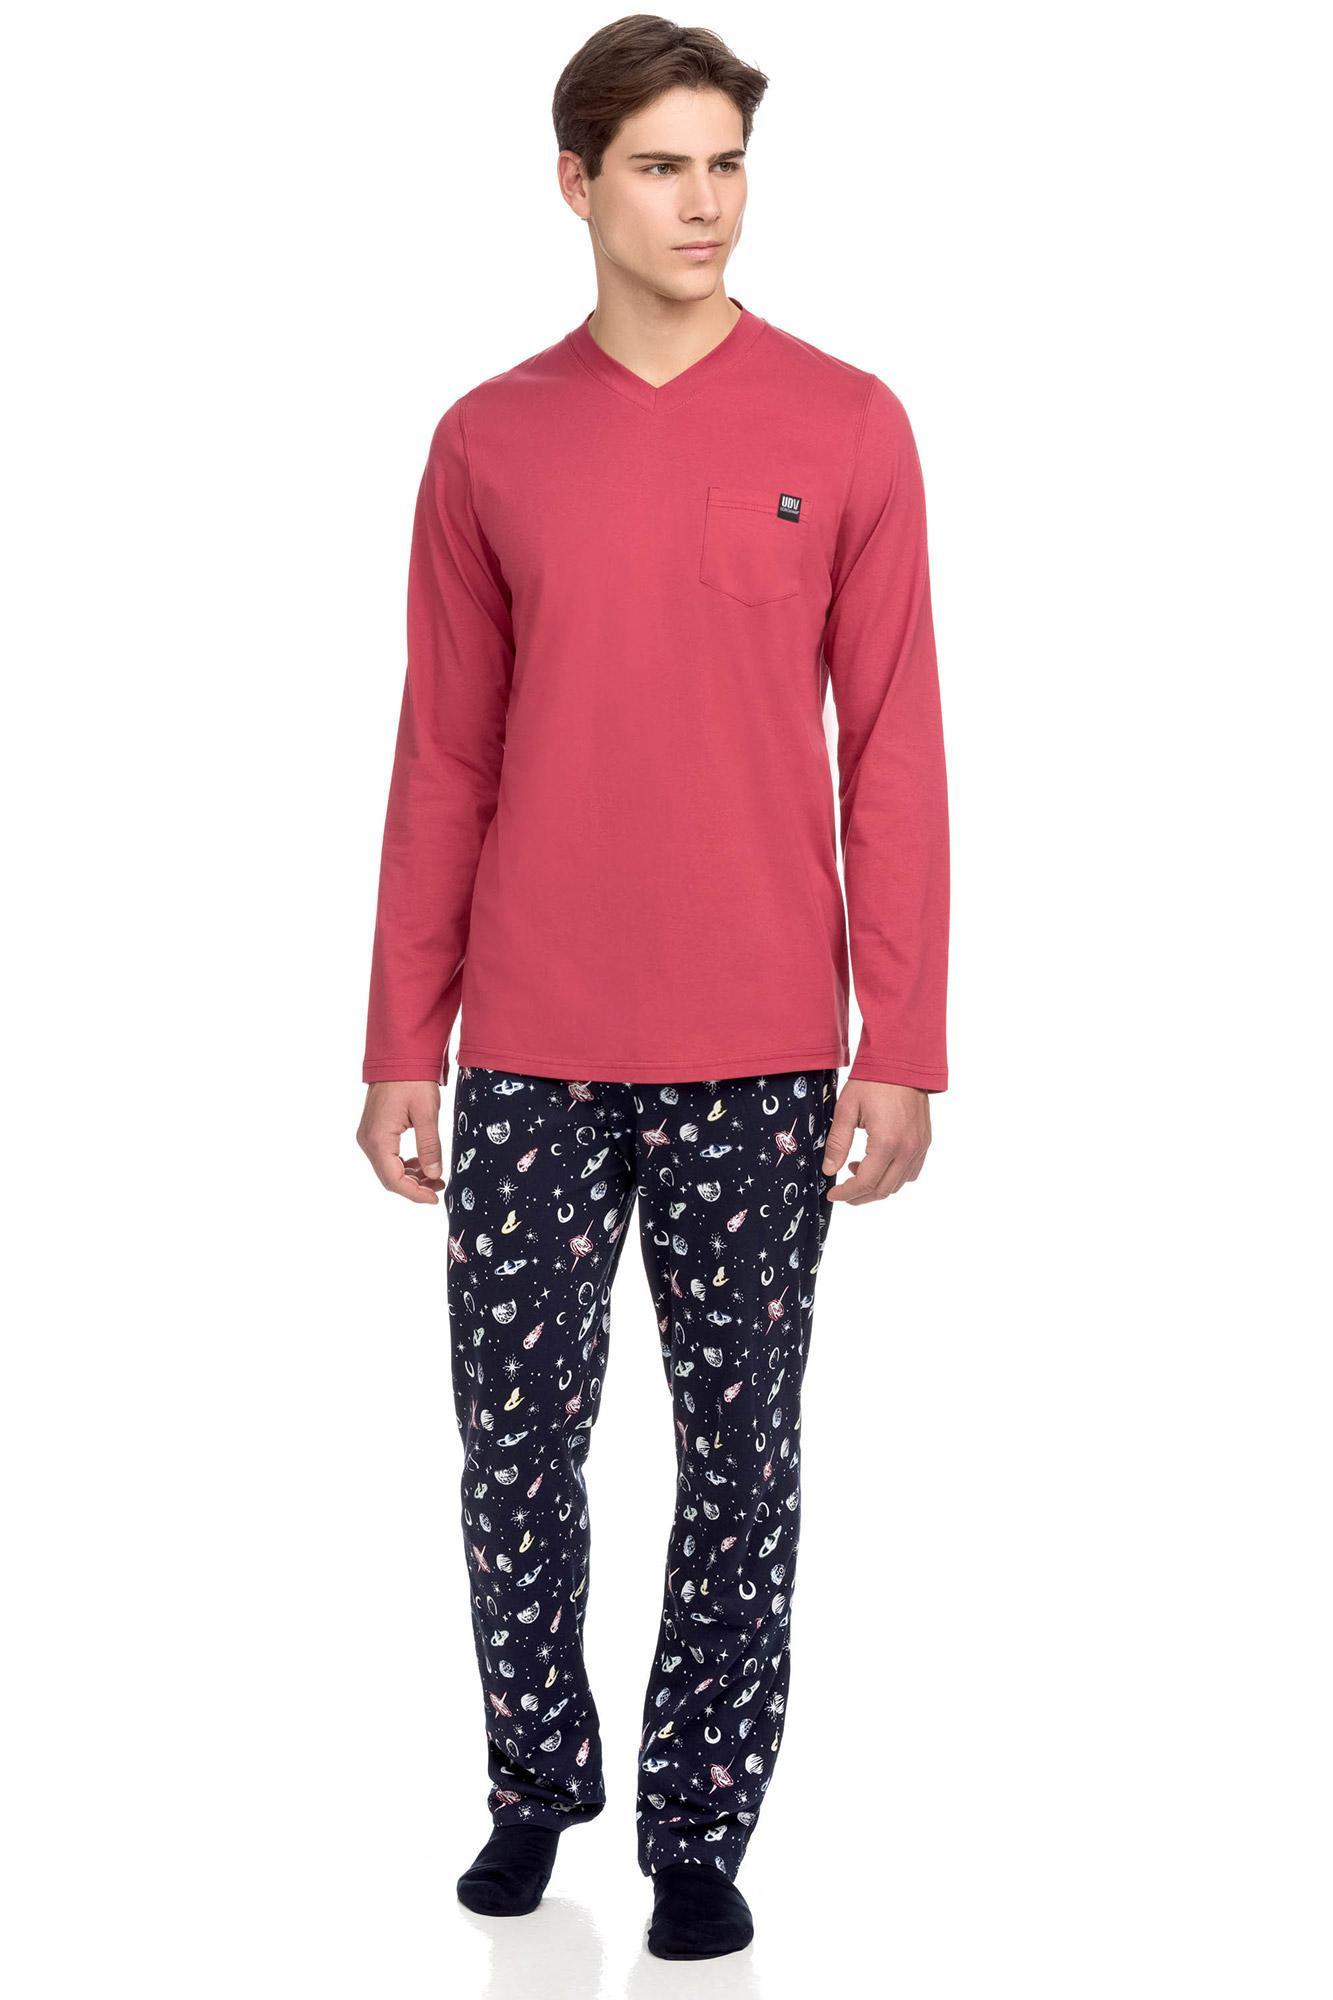 Vamp - Pohodlné pánské pyžamo s kapsičkou RED JESTER XL 15646 - Vamp